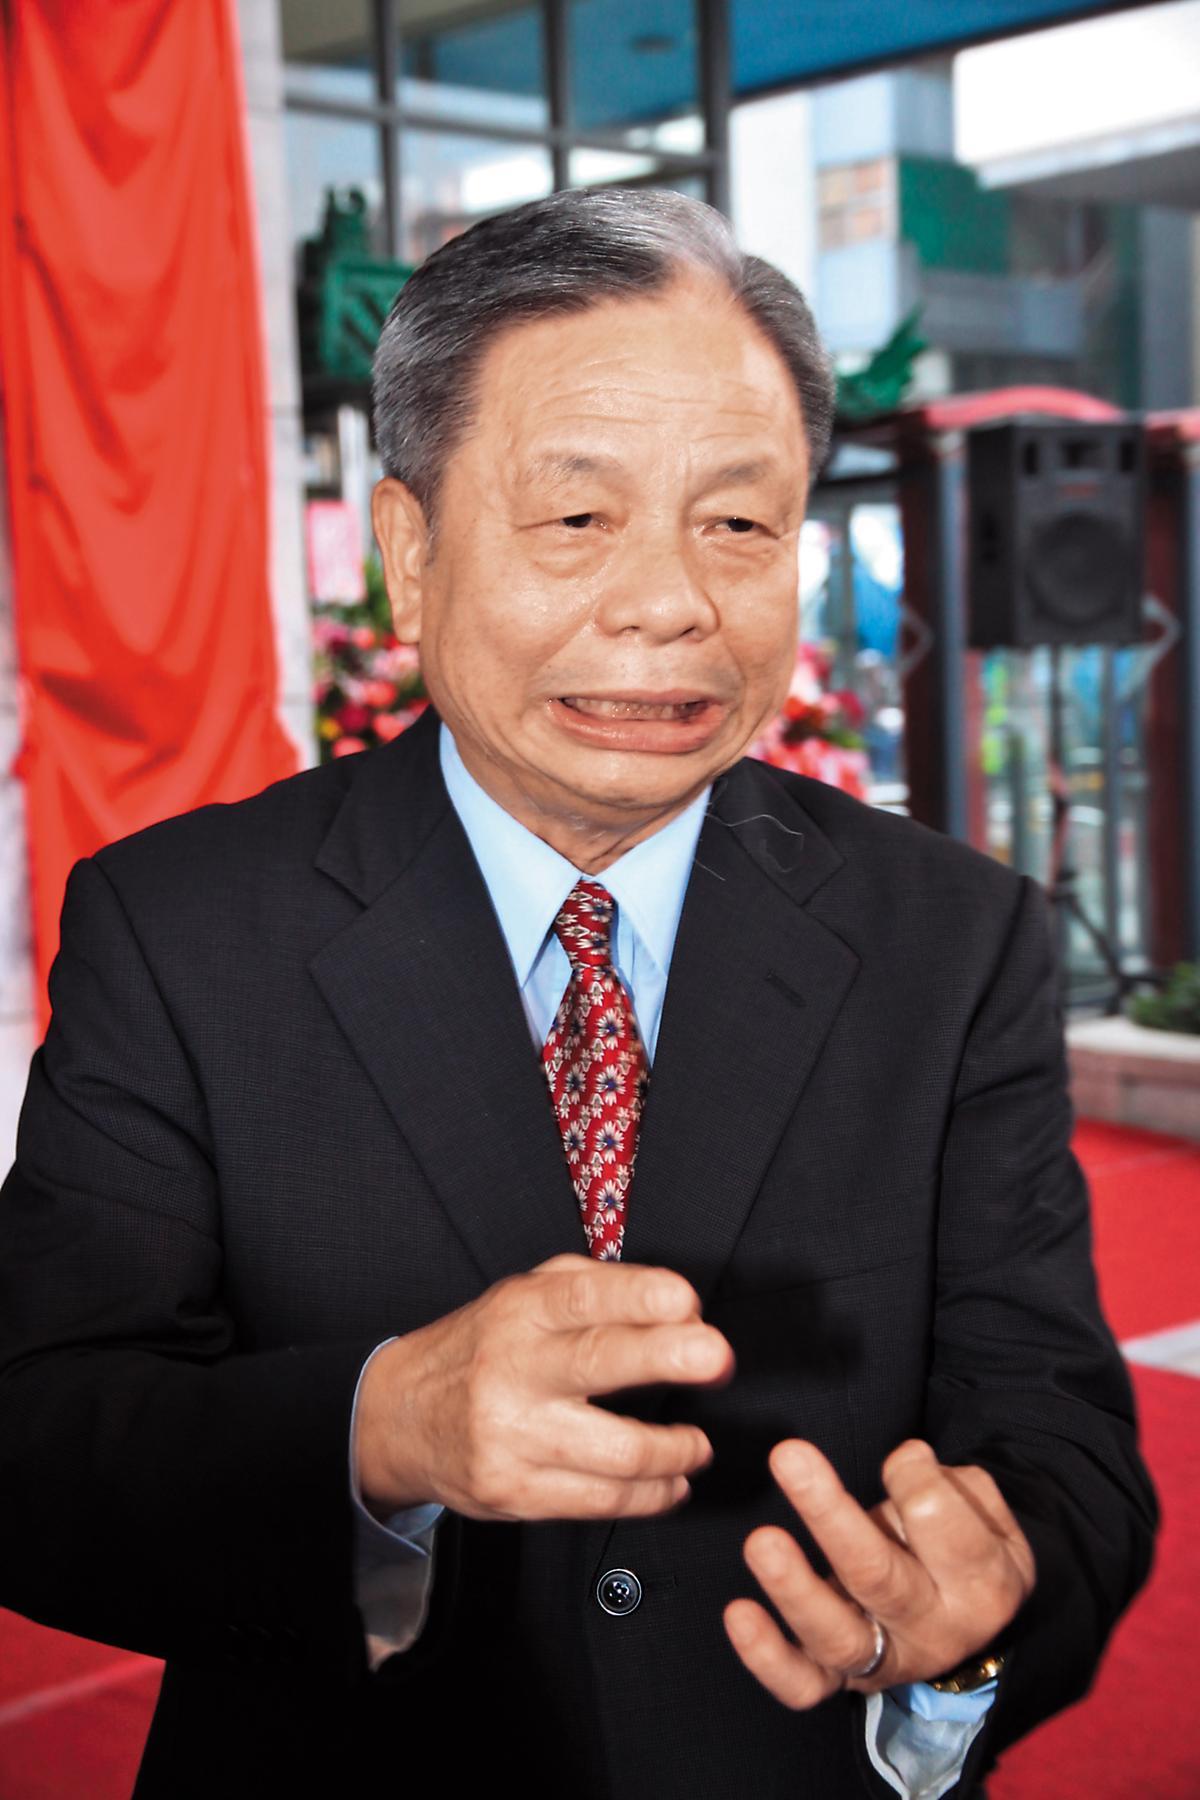 前港務公司董事長蕭丁訓,將委外業務改為「通通有獎」。(中央社)